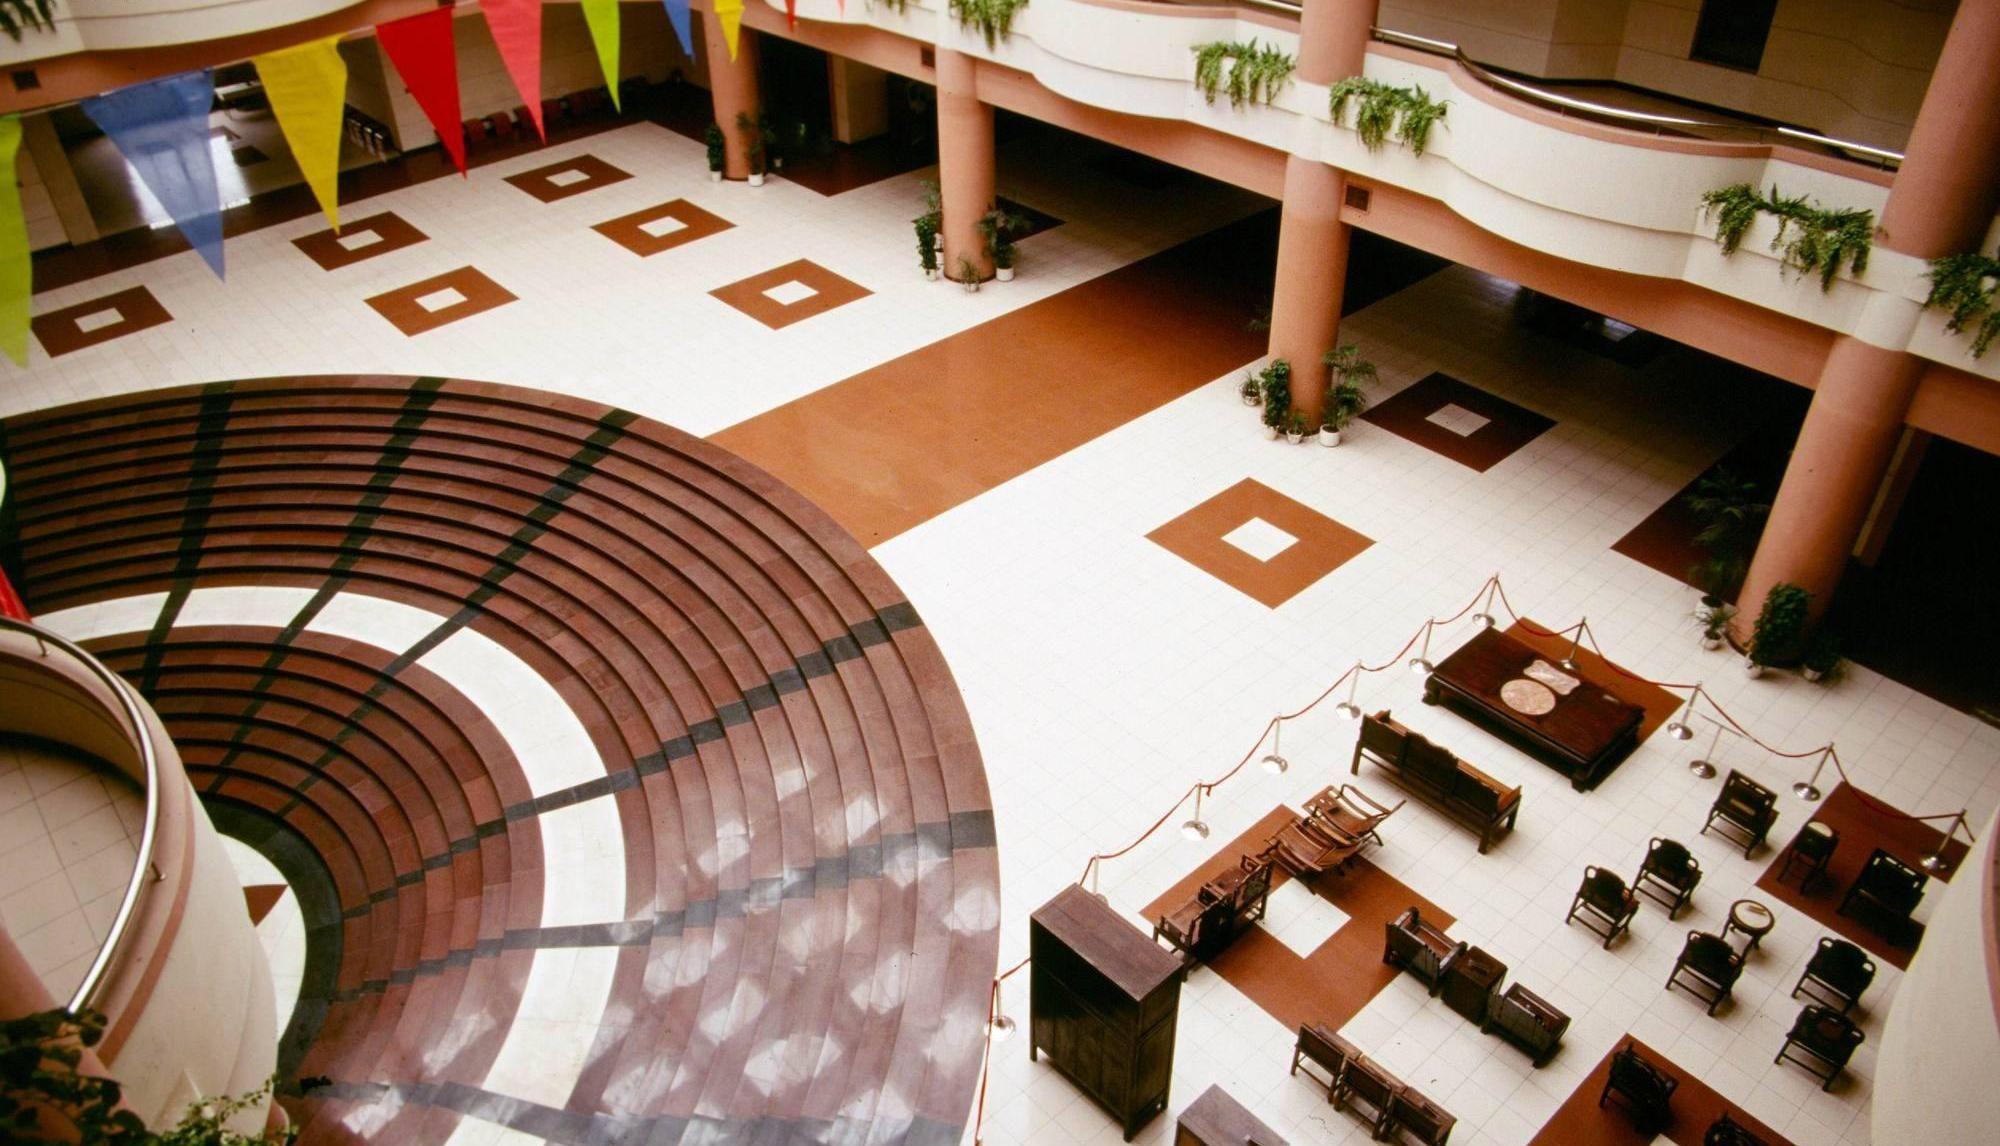 广州市番禺区,长隆酒店是中国唯一一家坐落于野生动物旅游景区